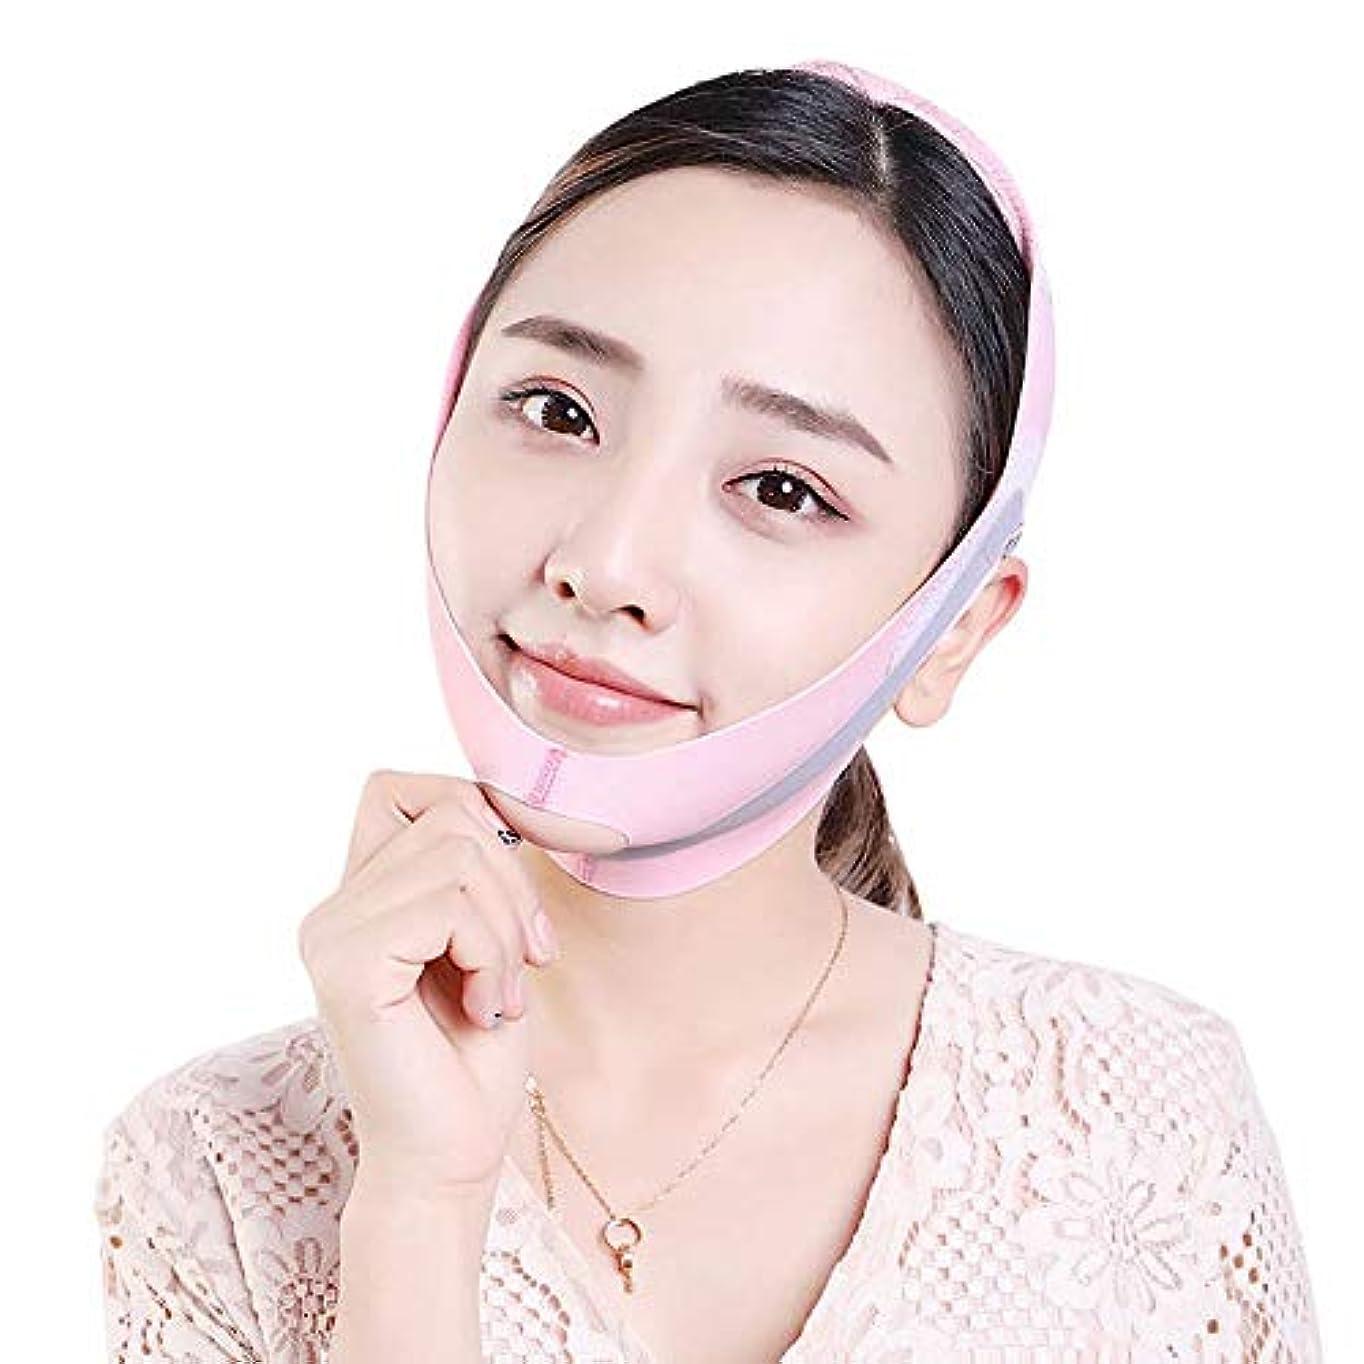 半円加害者理解飛強強 たるみを防ぐために顔を持ち上げるために筋肉を引き締めるために二重あごのステッカーとラインを削除するために、顔を持ち上げるアーティファクト包帯があります - ピンク スリムフィット美容ツール